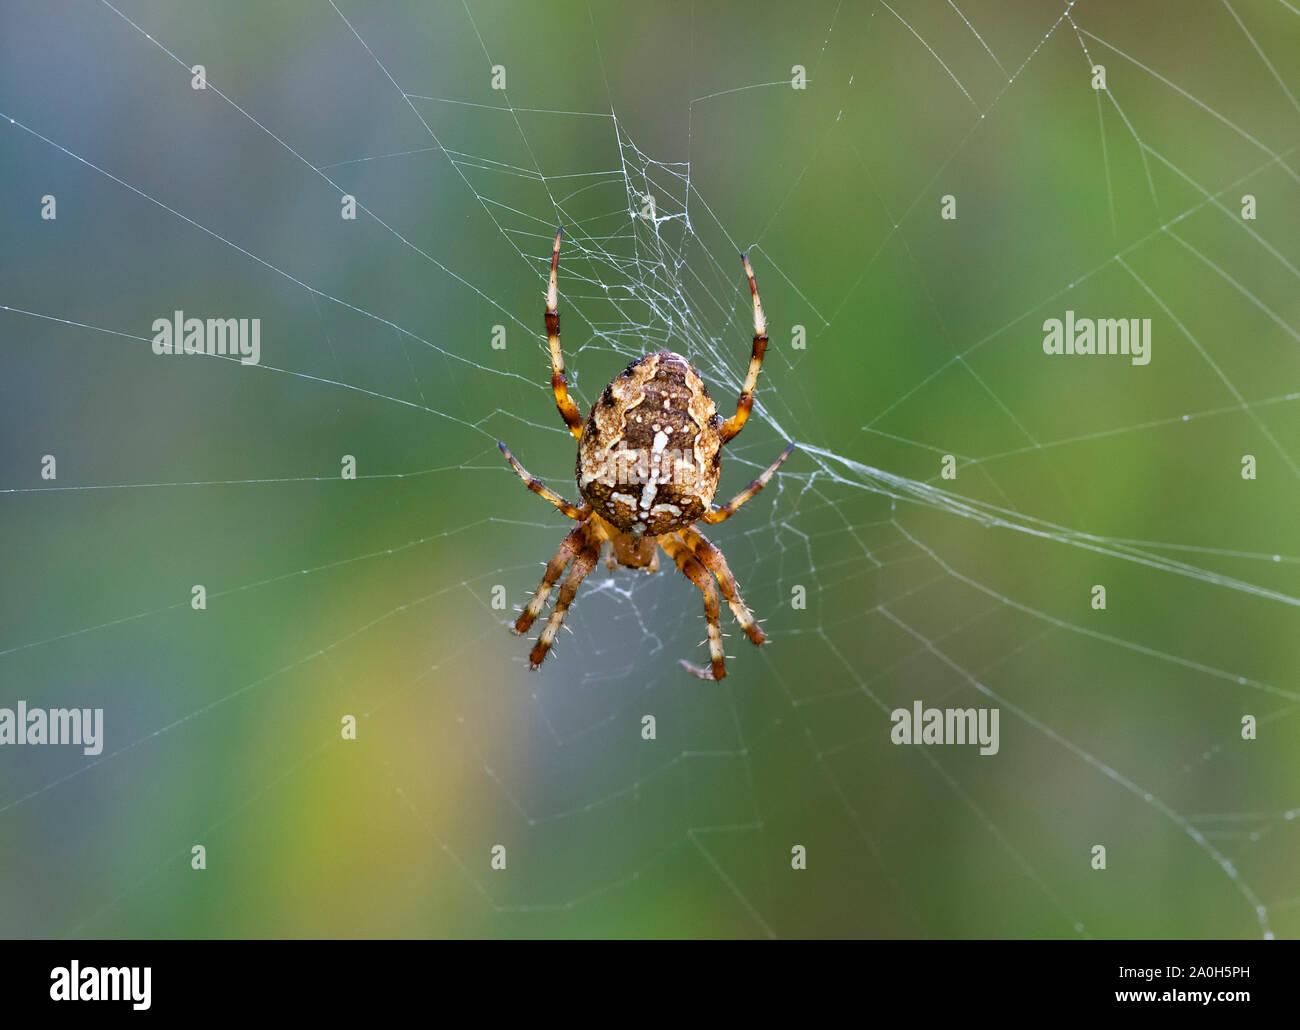 Jardin de couleurs vives (araignée Araneus diadematus Cross) en attente d'une proie dans le centre de c'est site web Banque D'Images